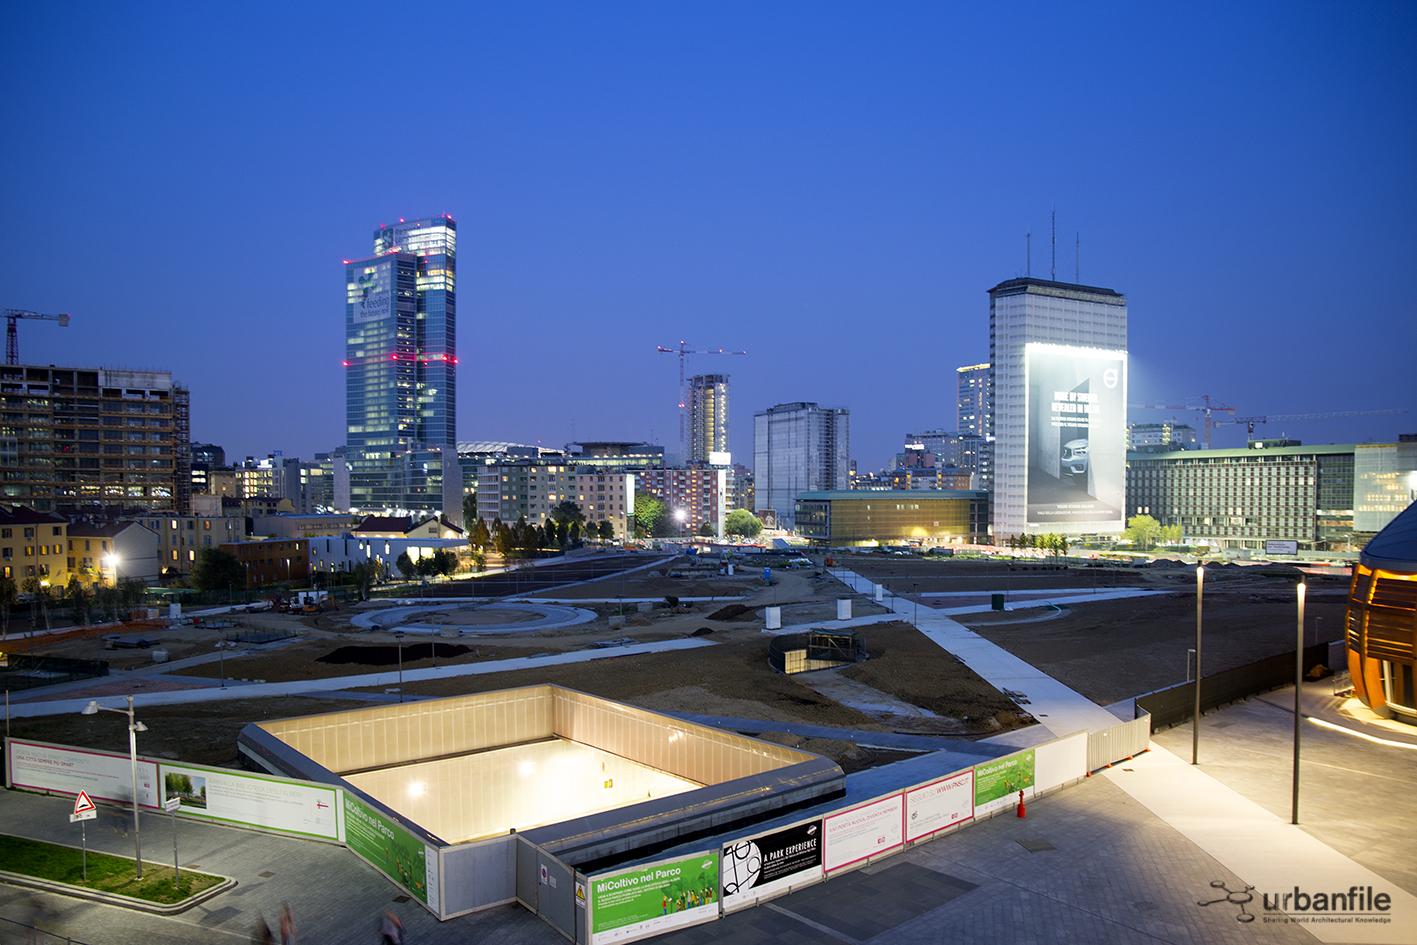 Milano porta nuova la biblioteca degli alberi vista - Via porta nuova milano ...